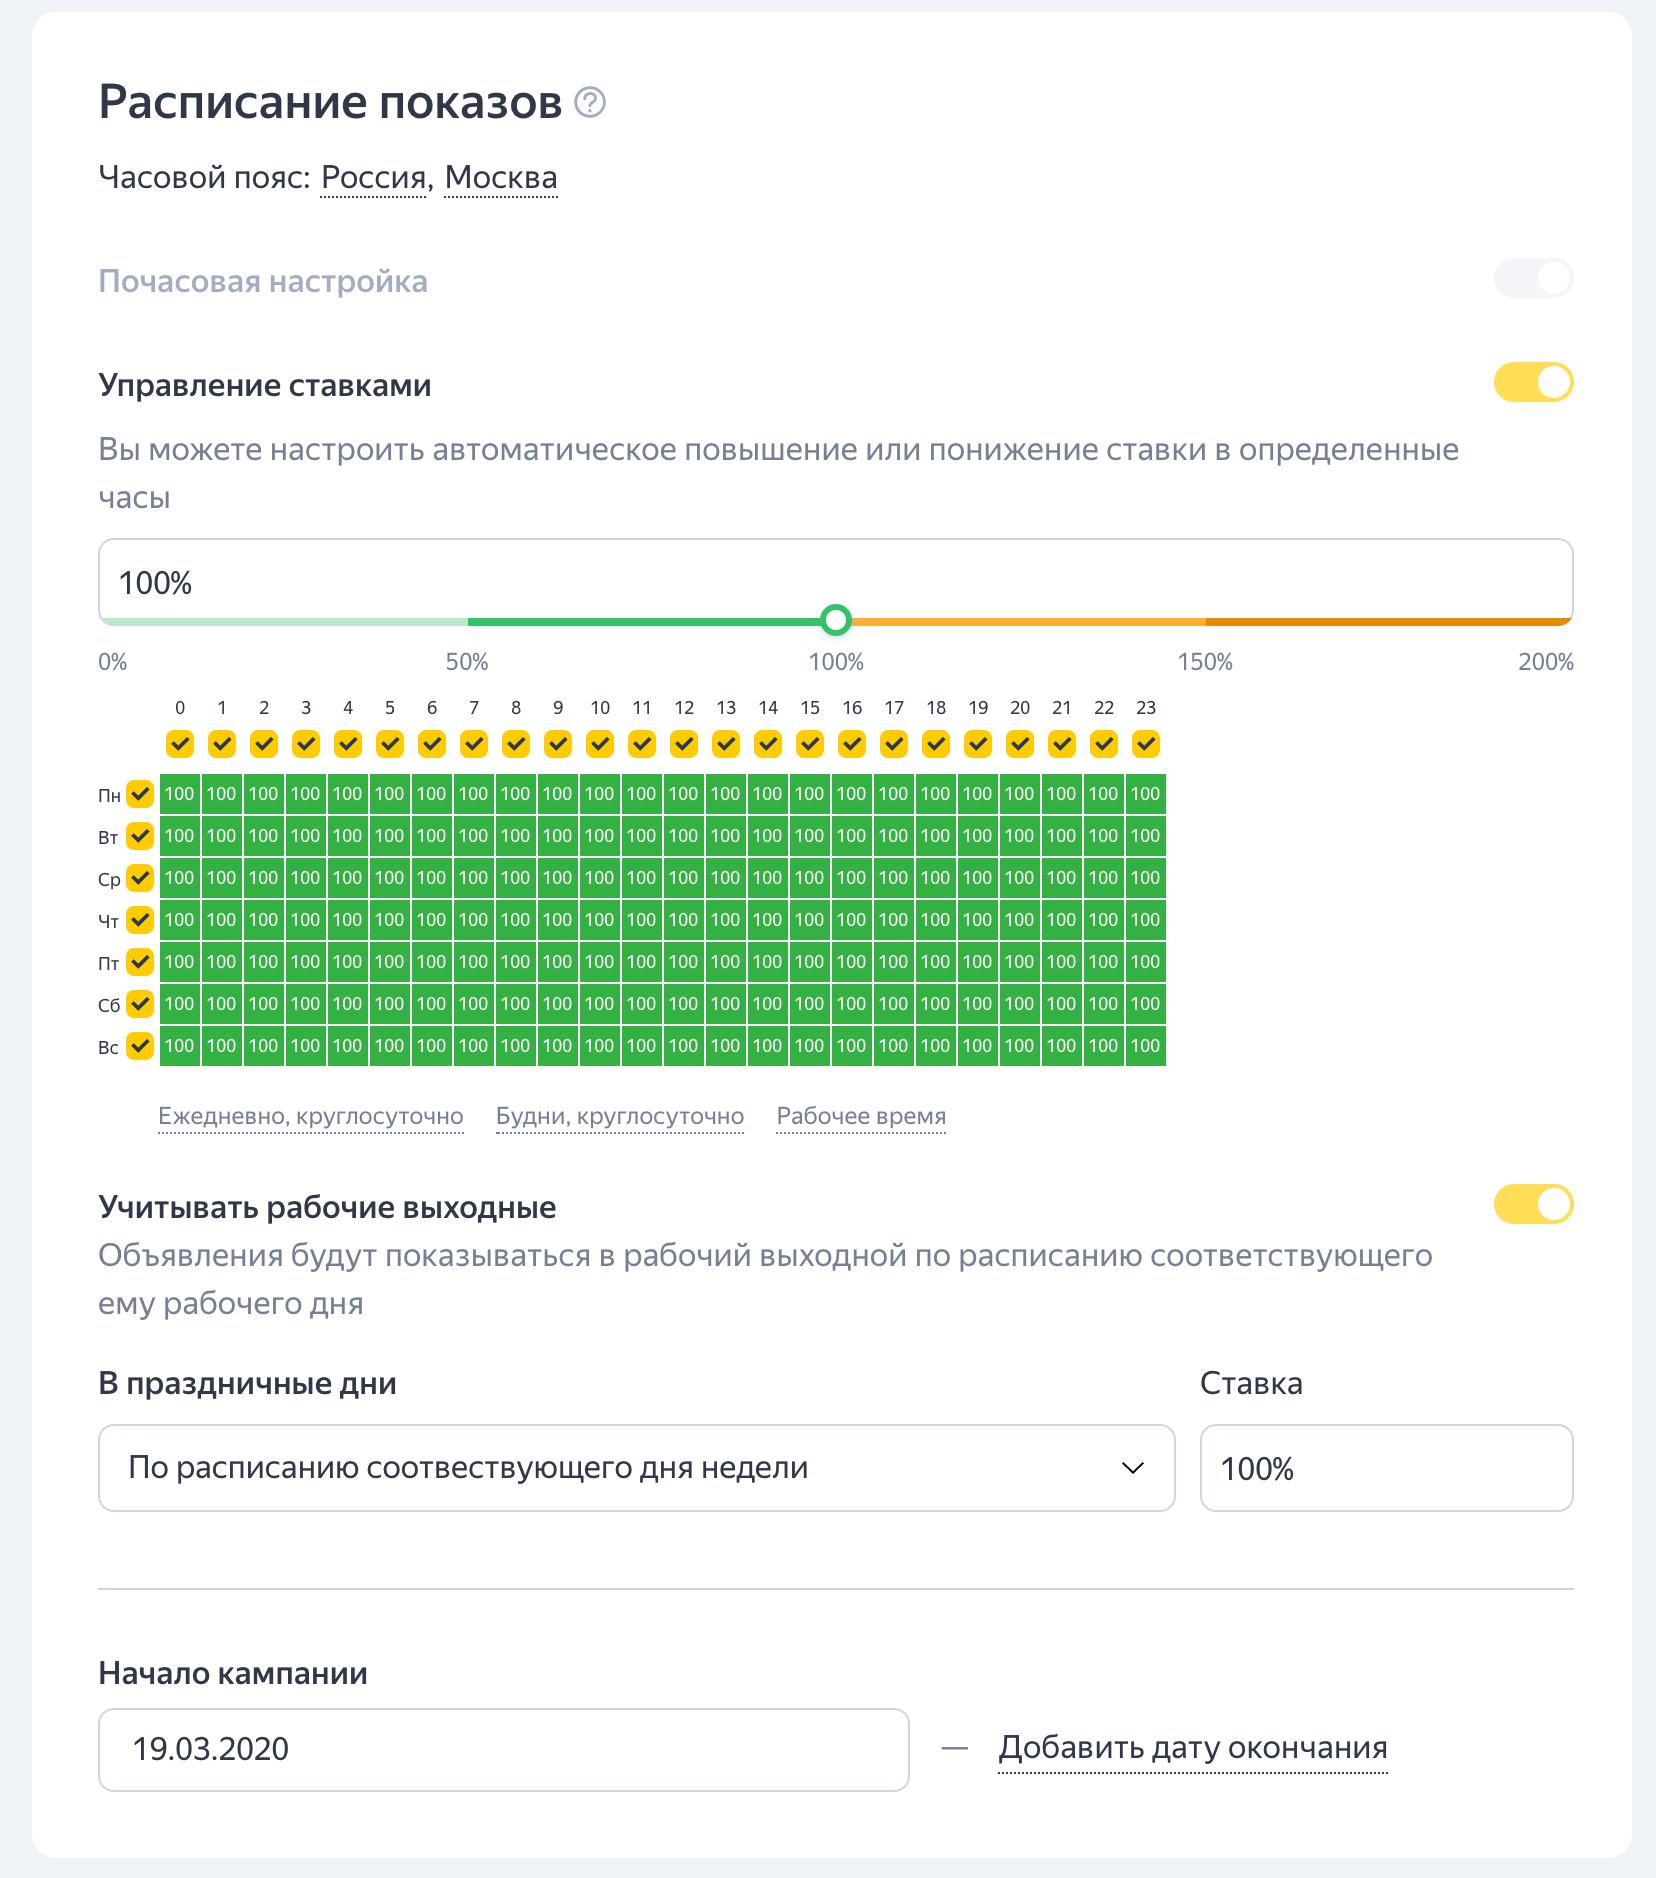 Расписание показов рекламного объявления яндекс директ